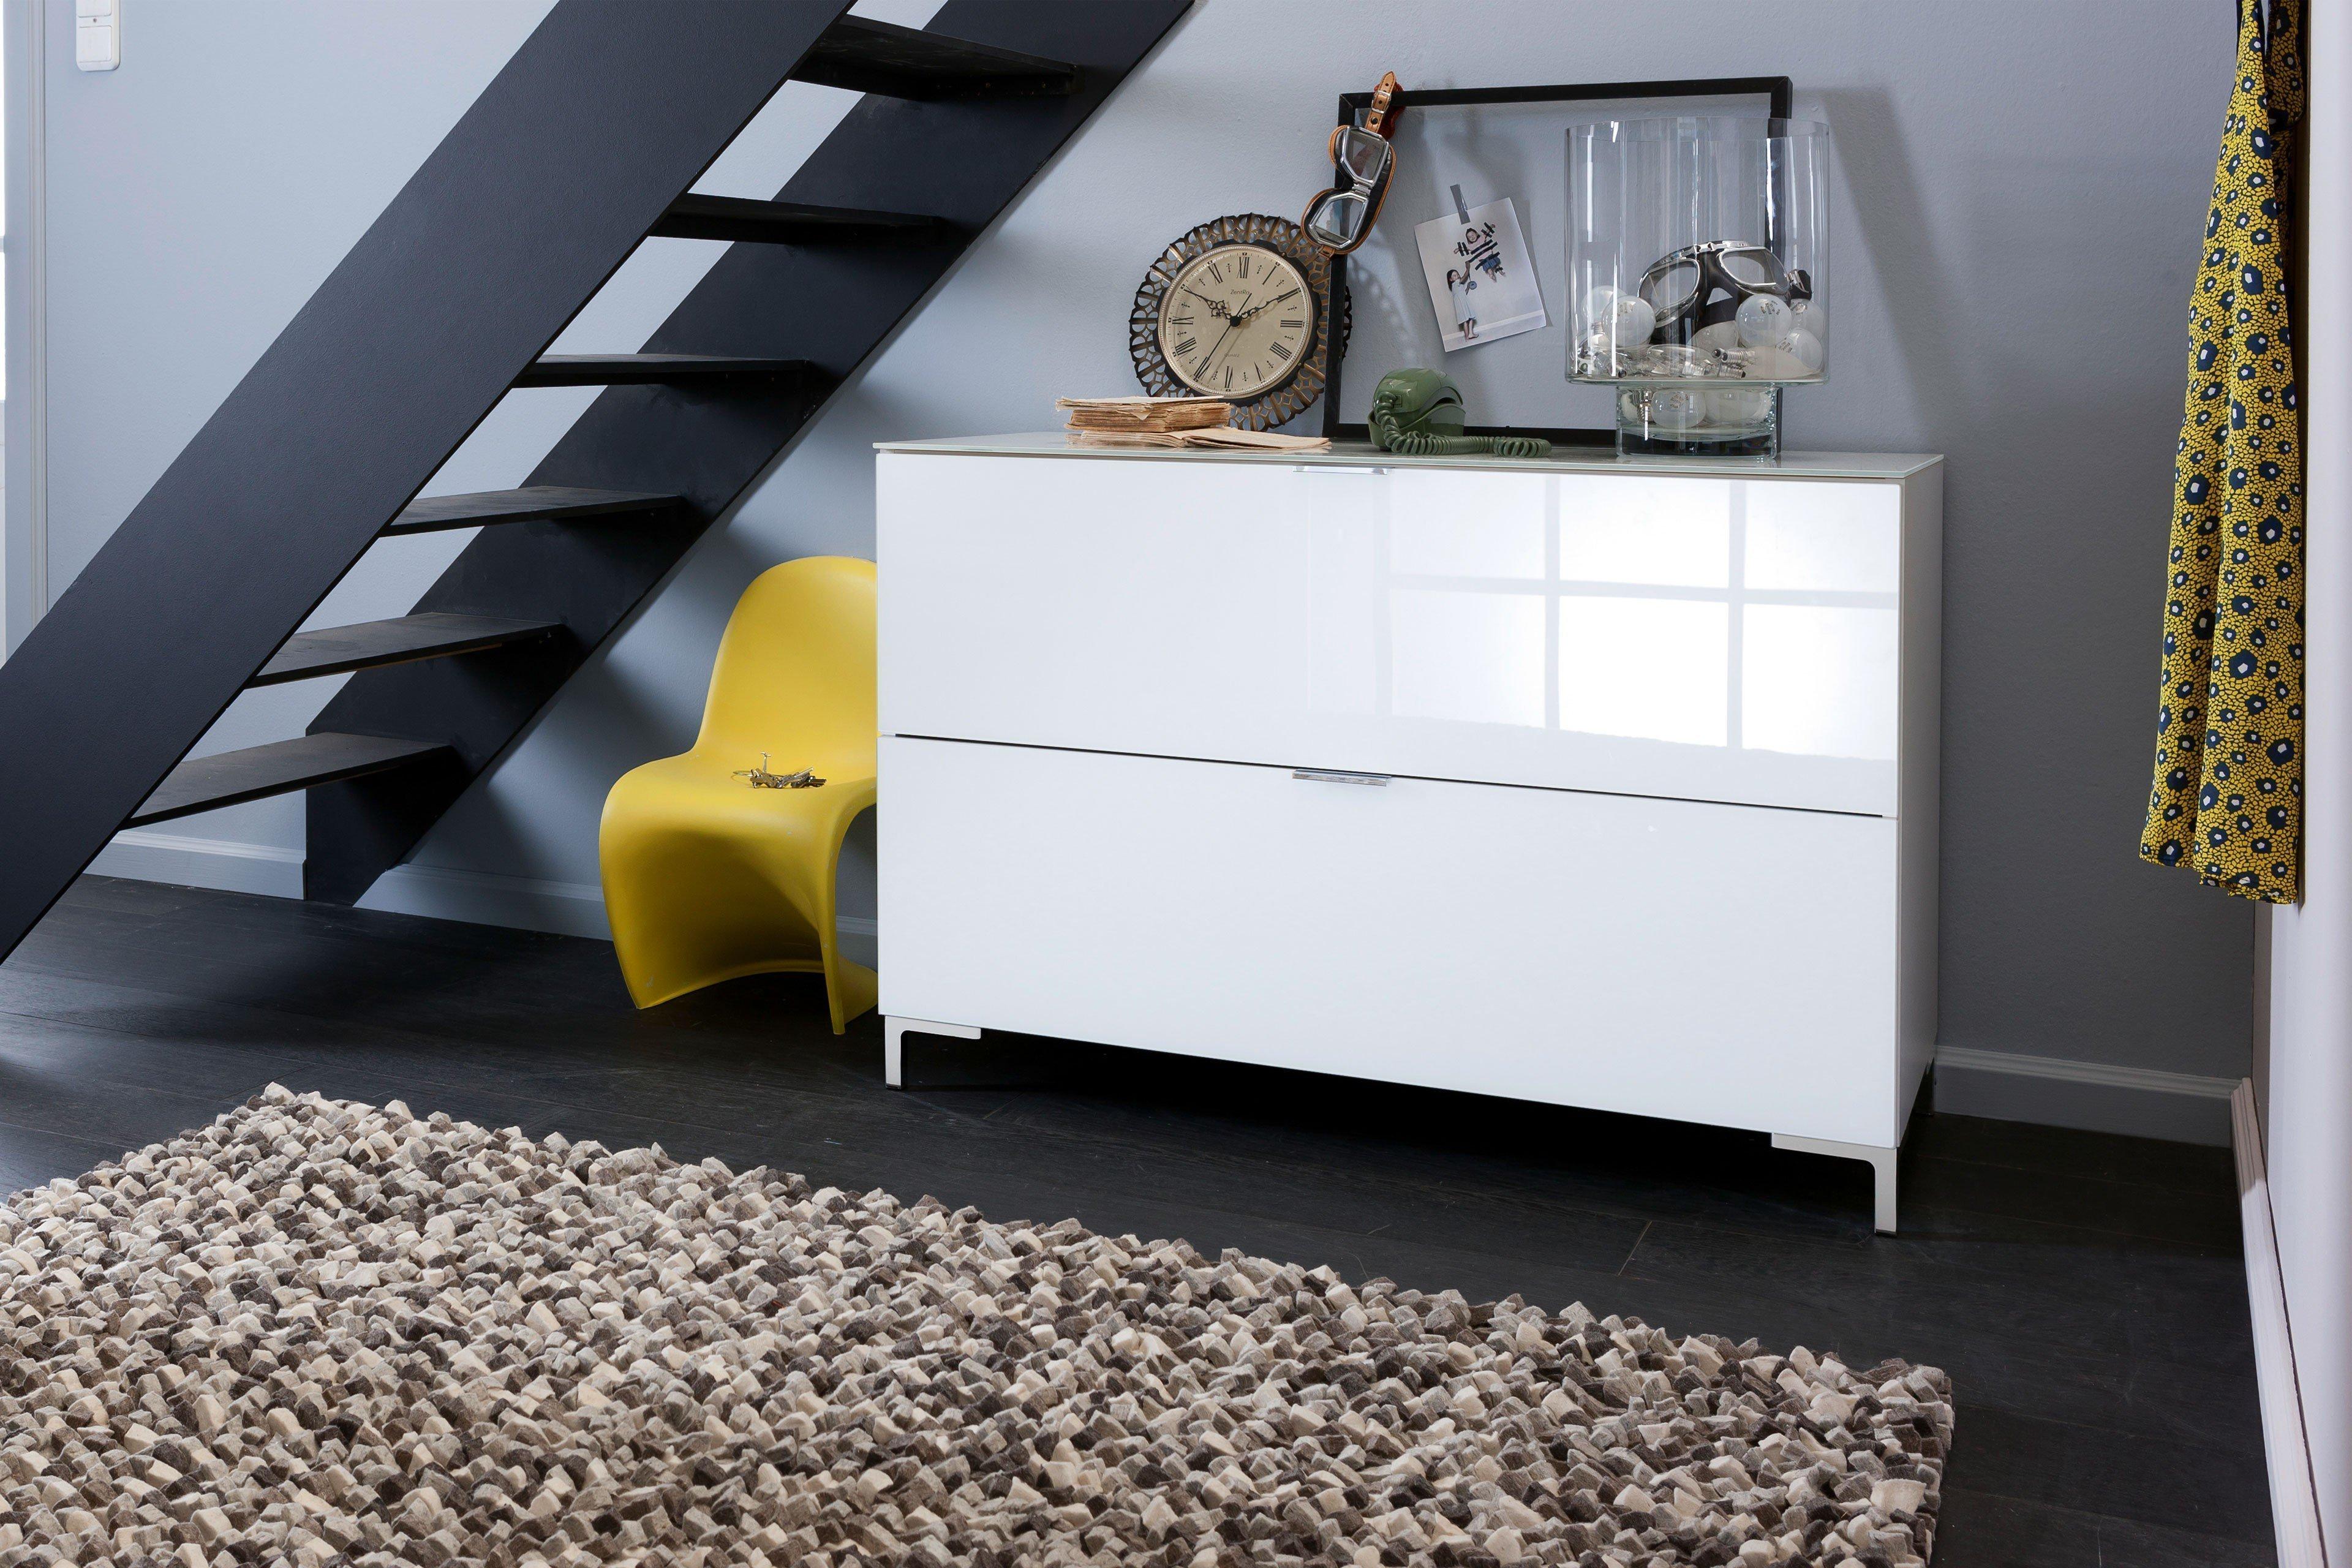 cs schmal mobel. Black Bedroom Furniture Sets. Home Design Ideas